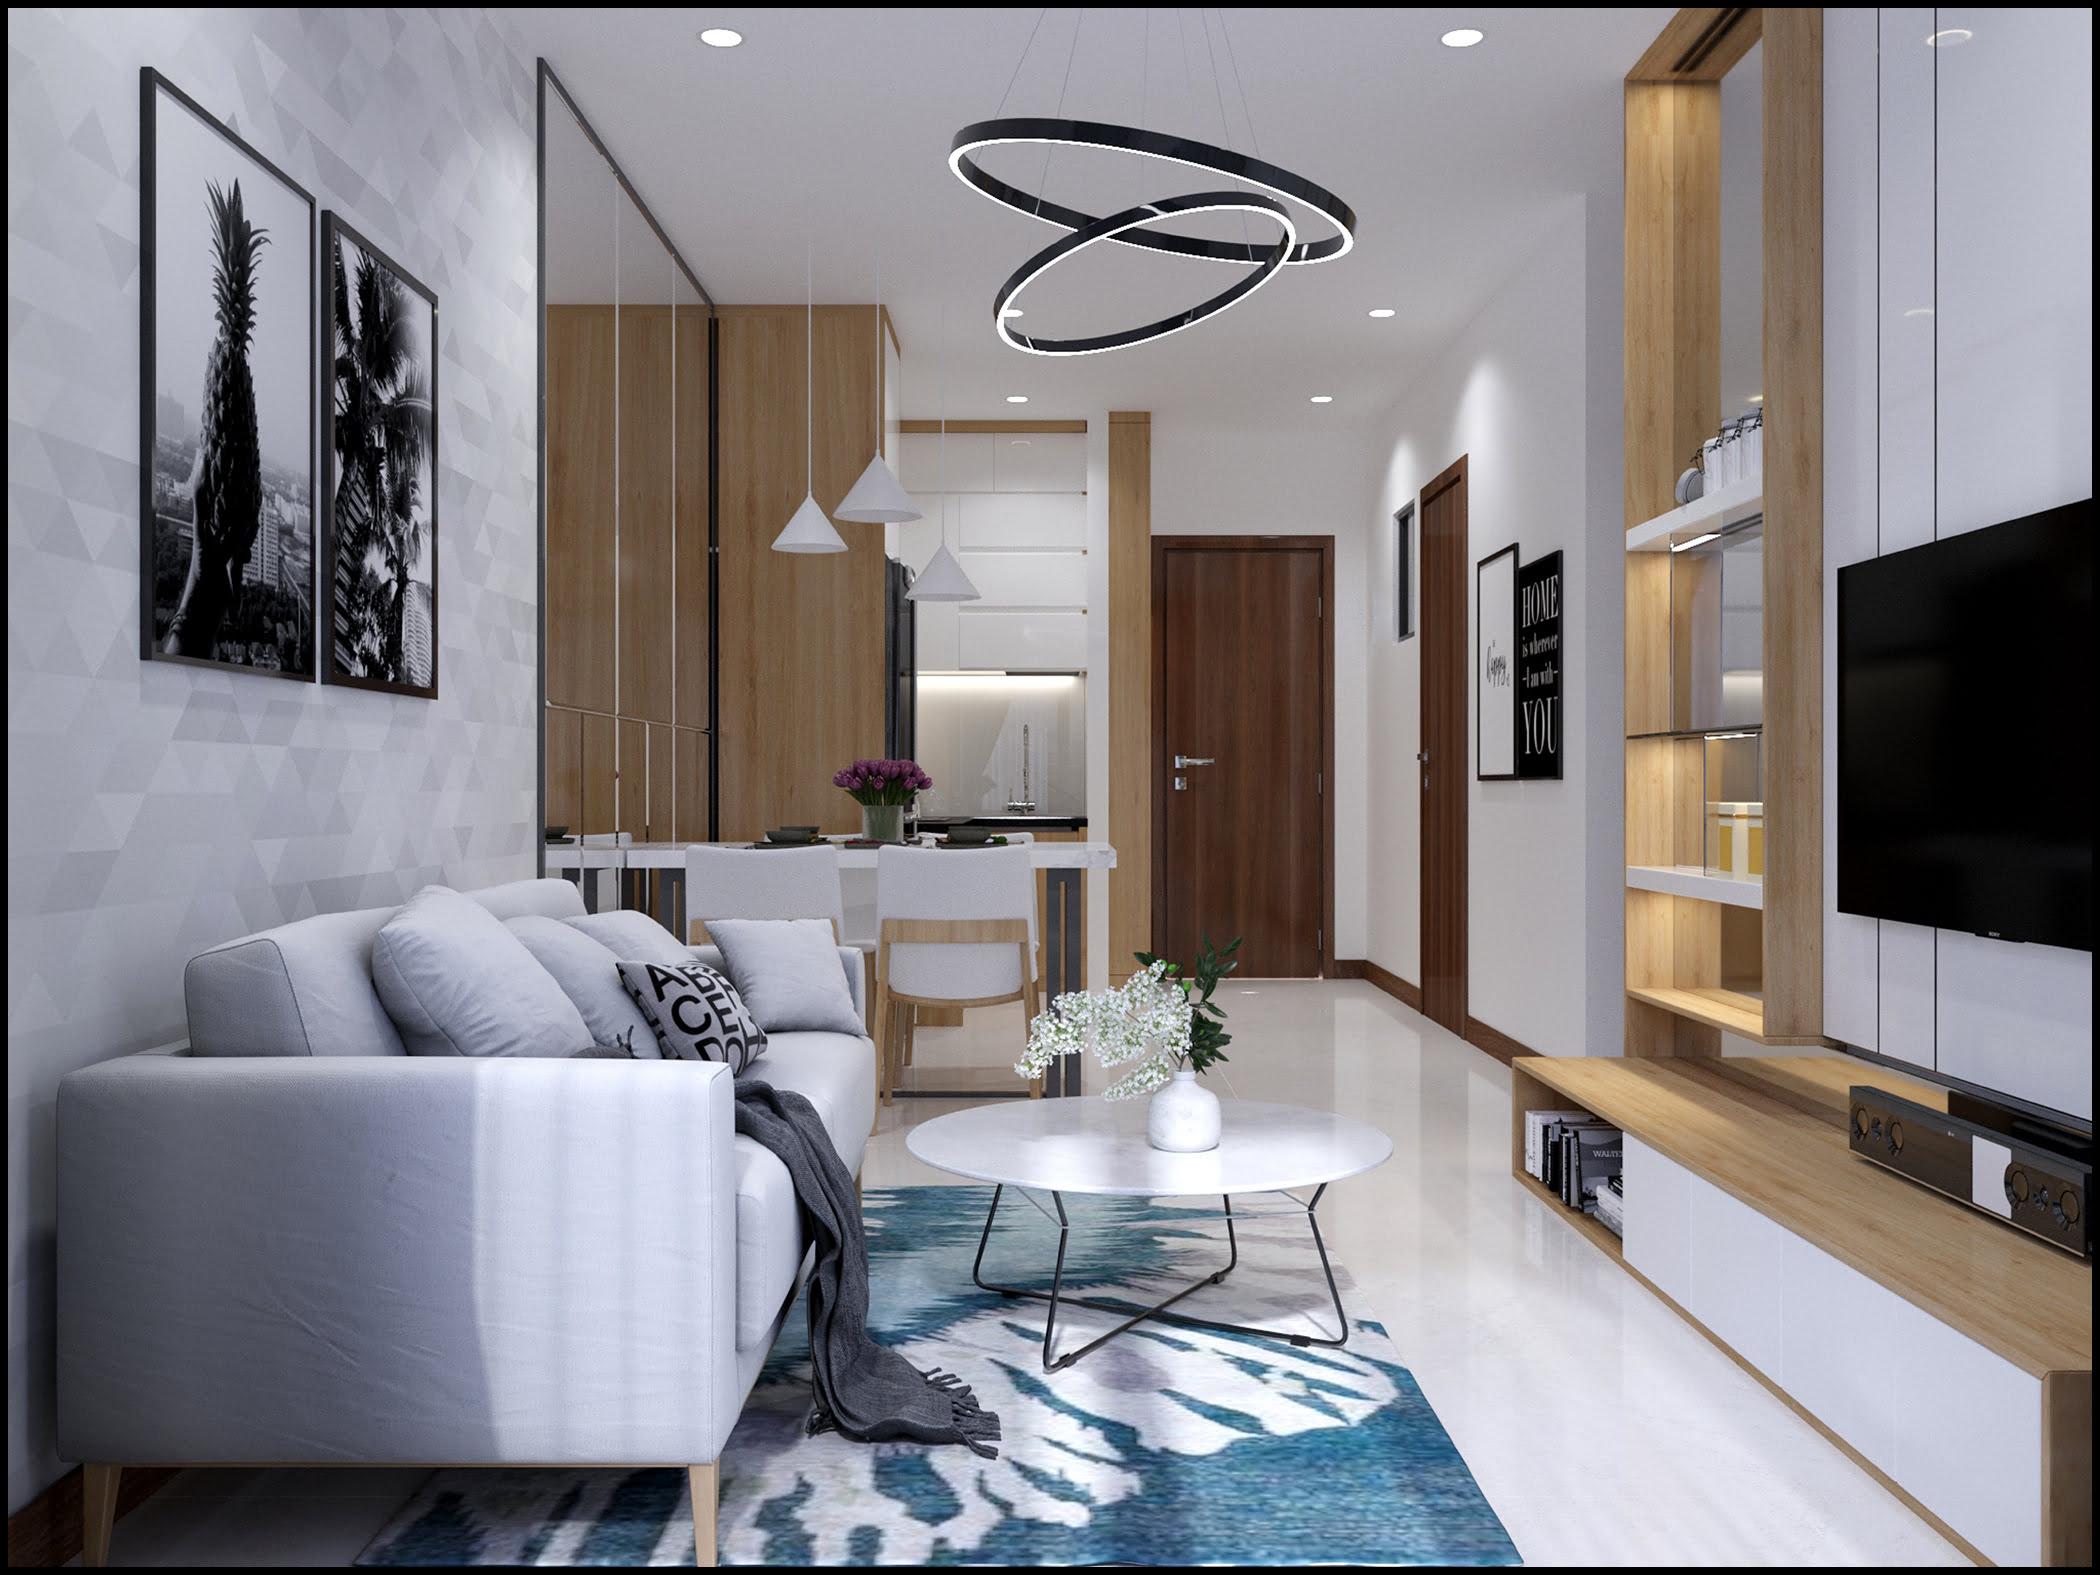 Thiết kế phòng khách chung cư bcons green view